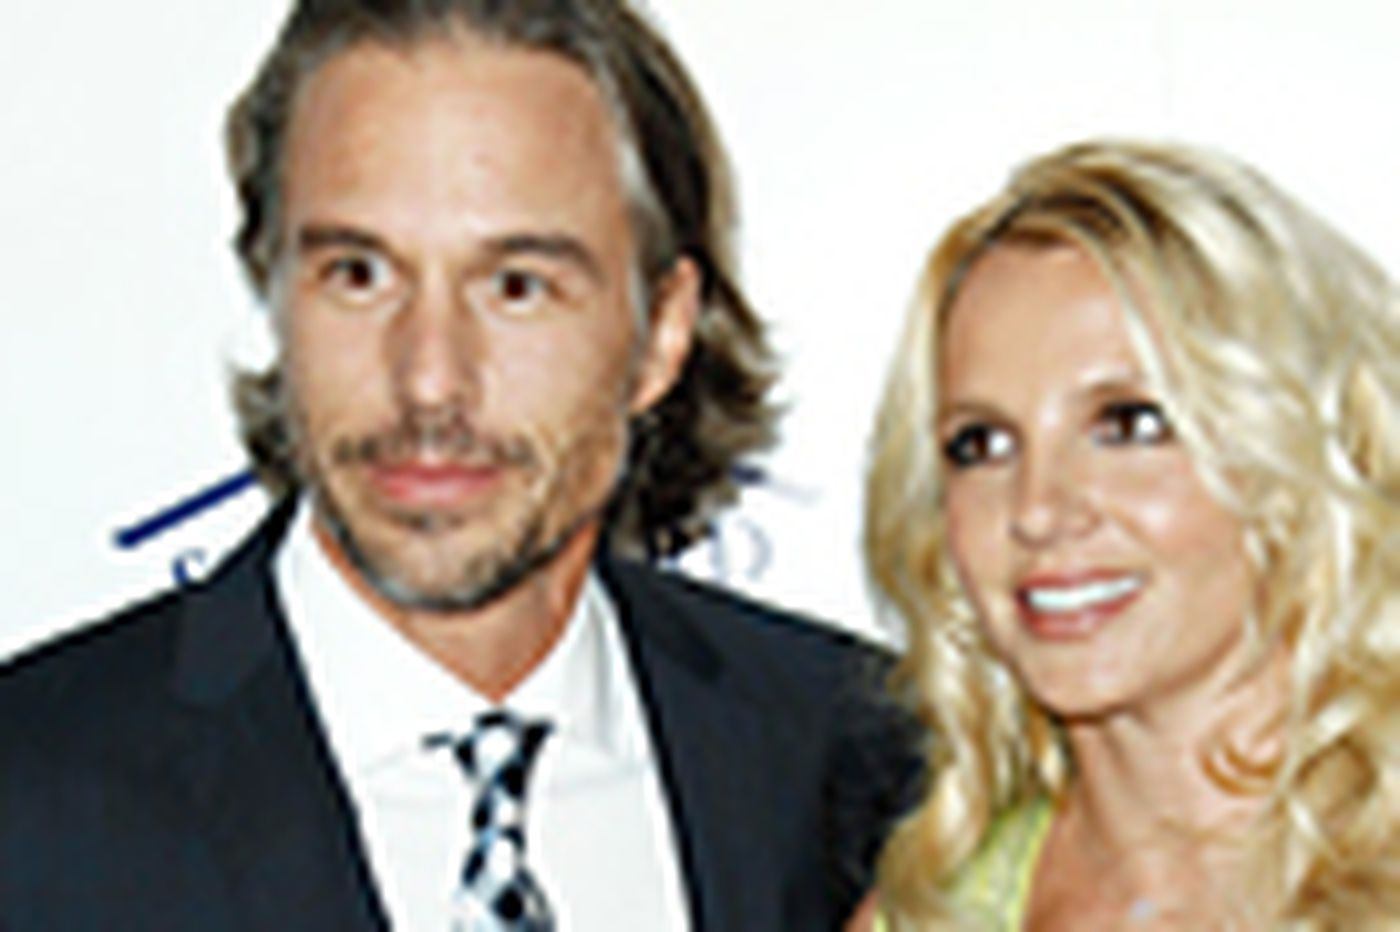 Sideshow: Britney engaged yet again